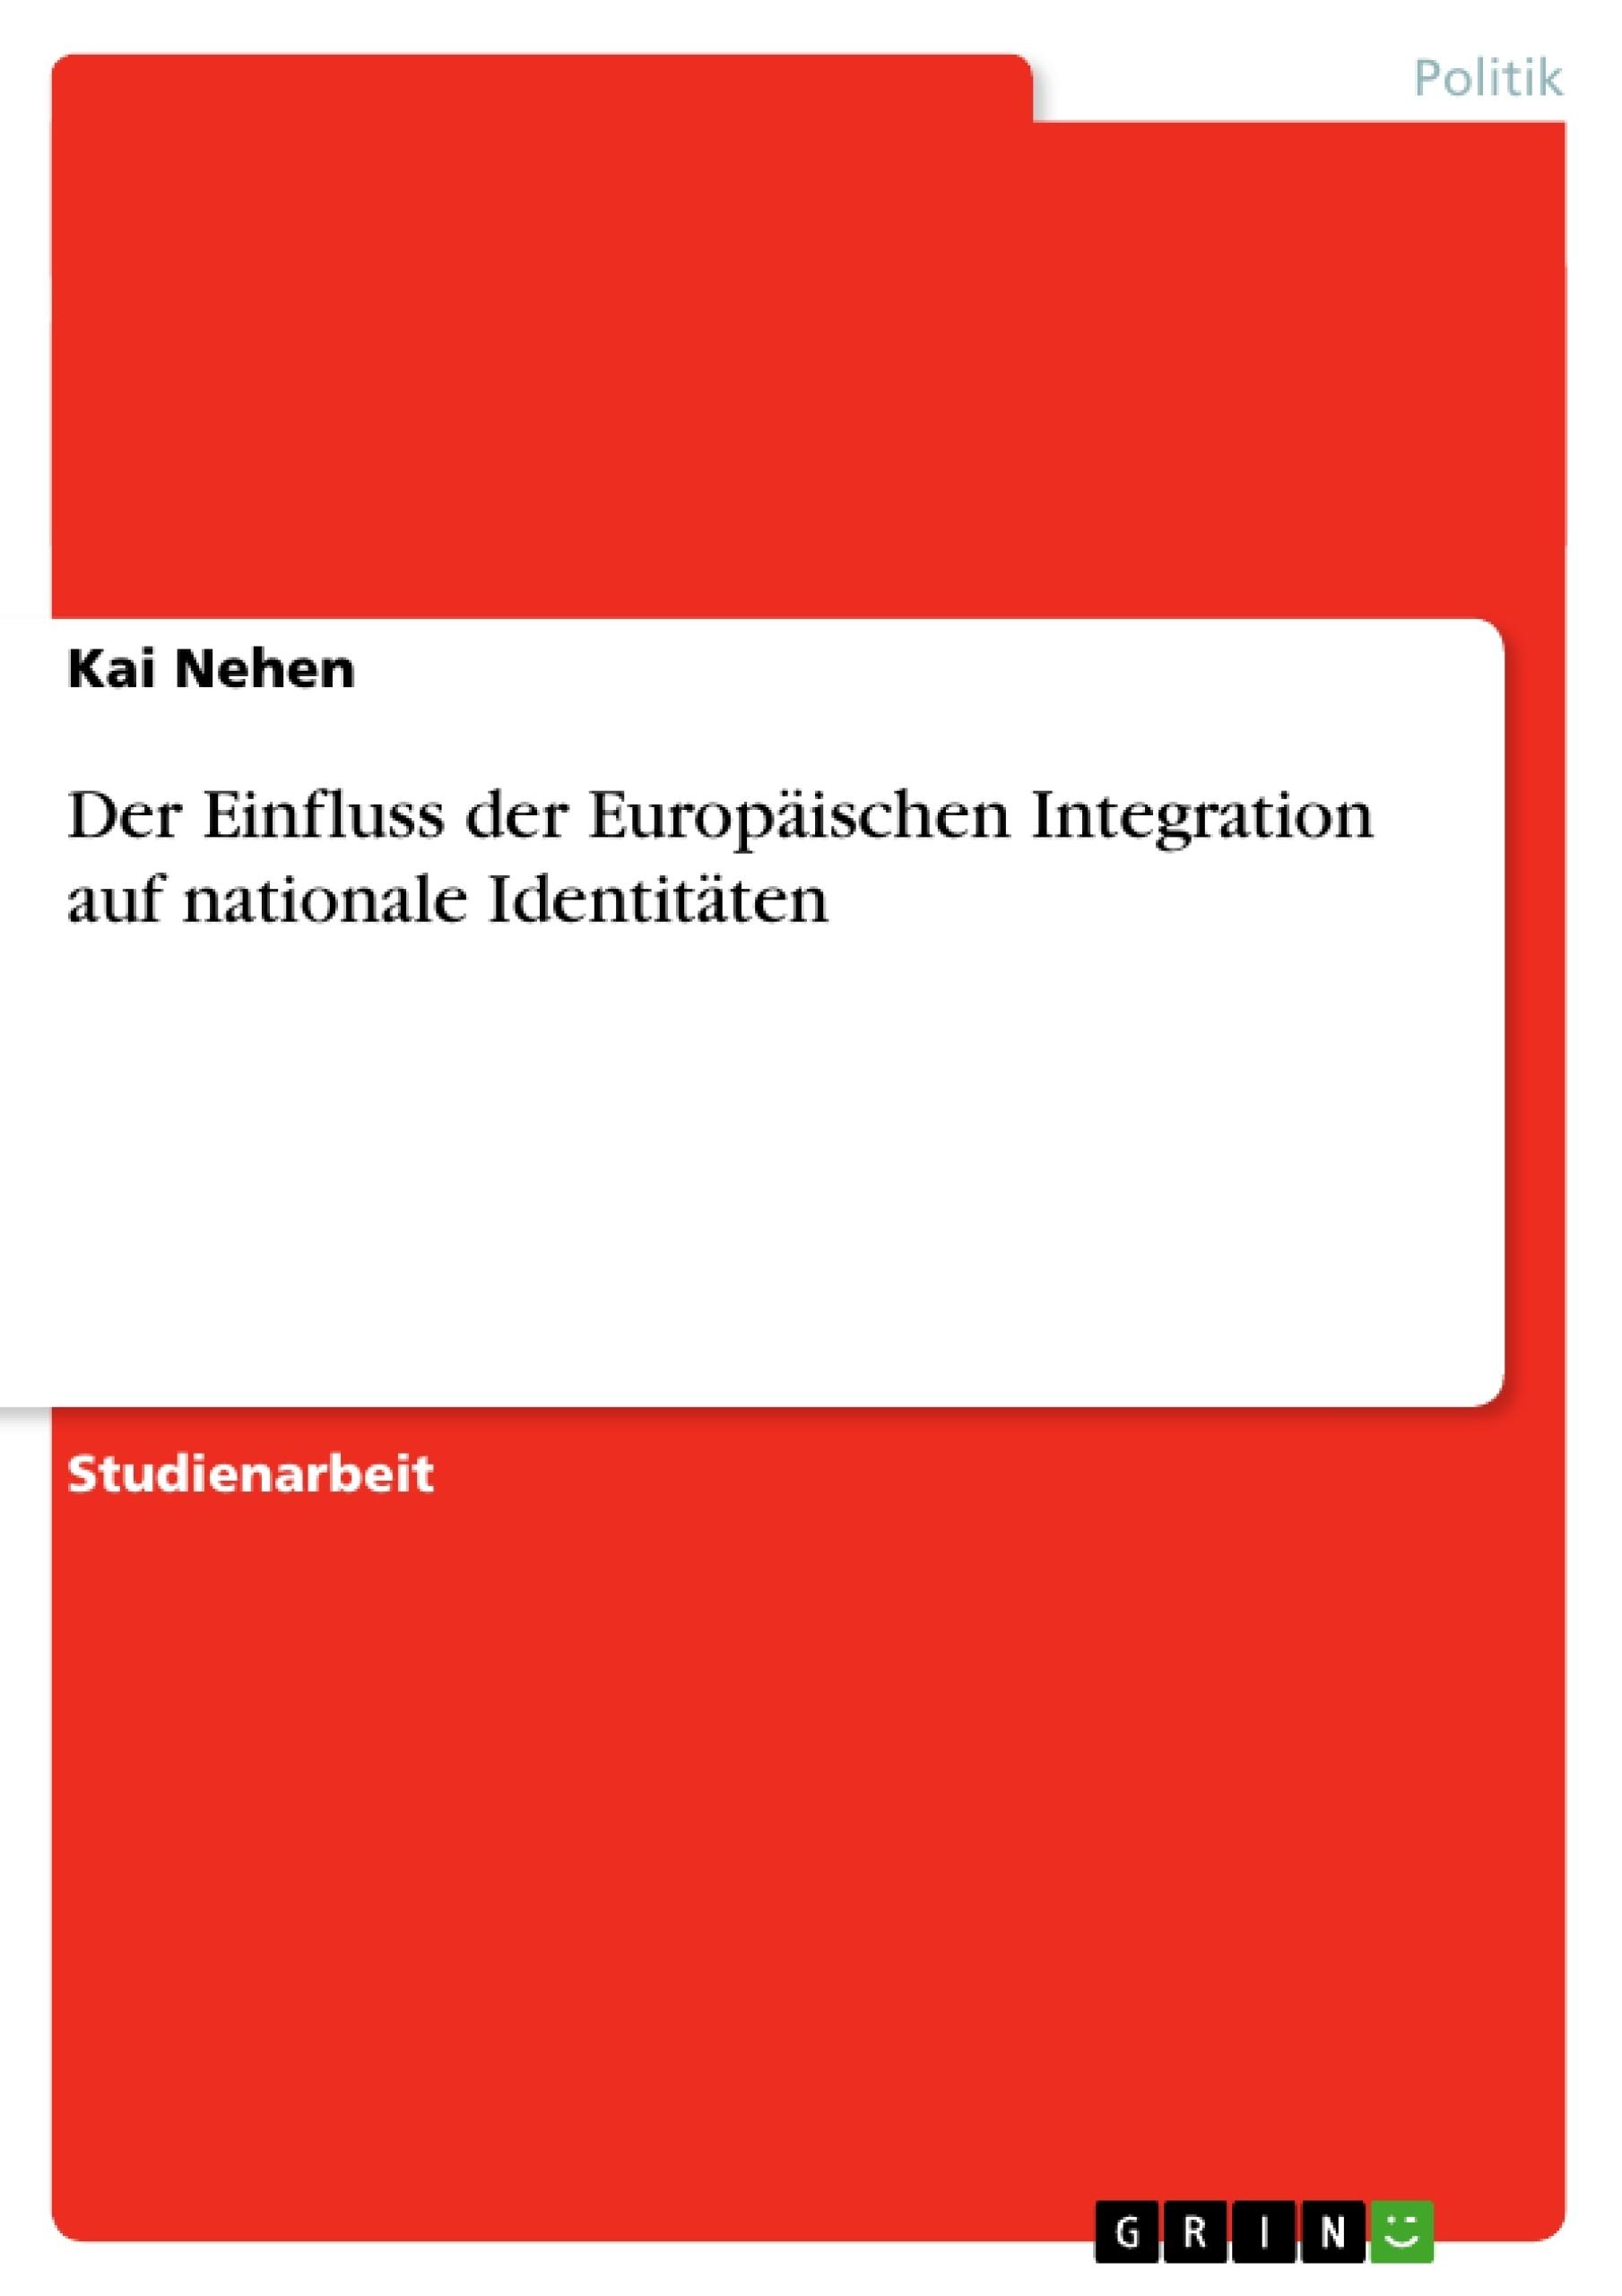 Titel: Der Einfluss der Europäischen Integration auf nationale Identitäten